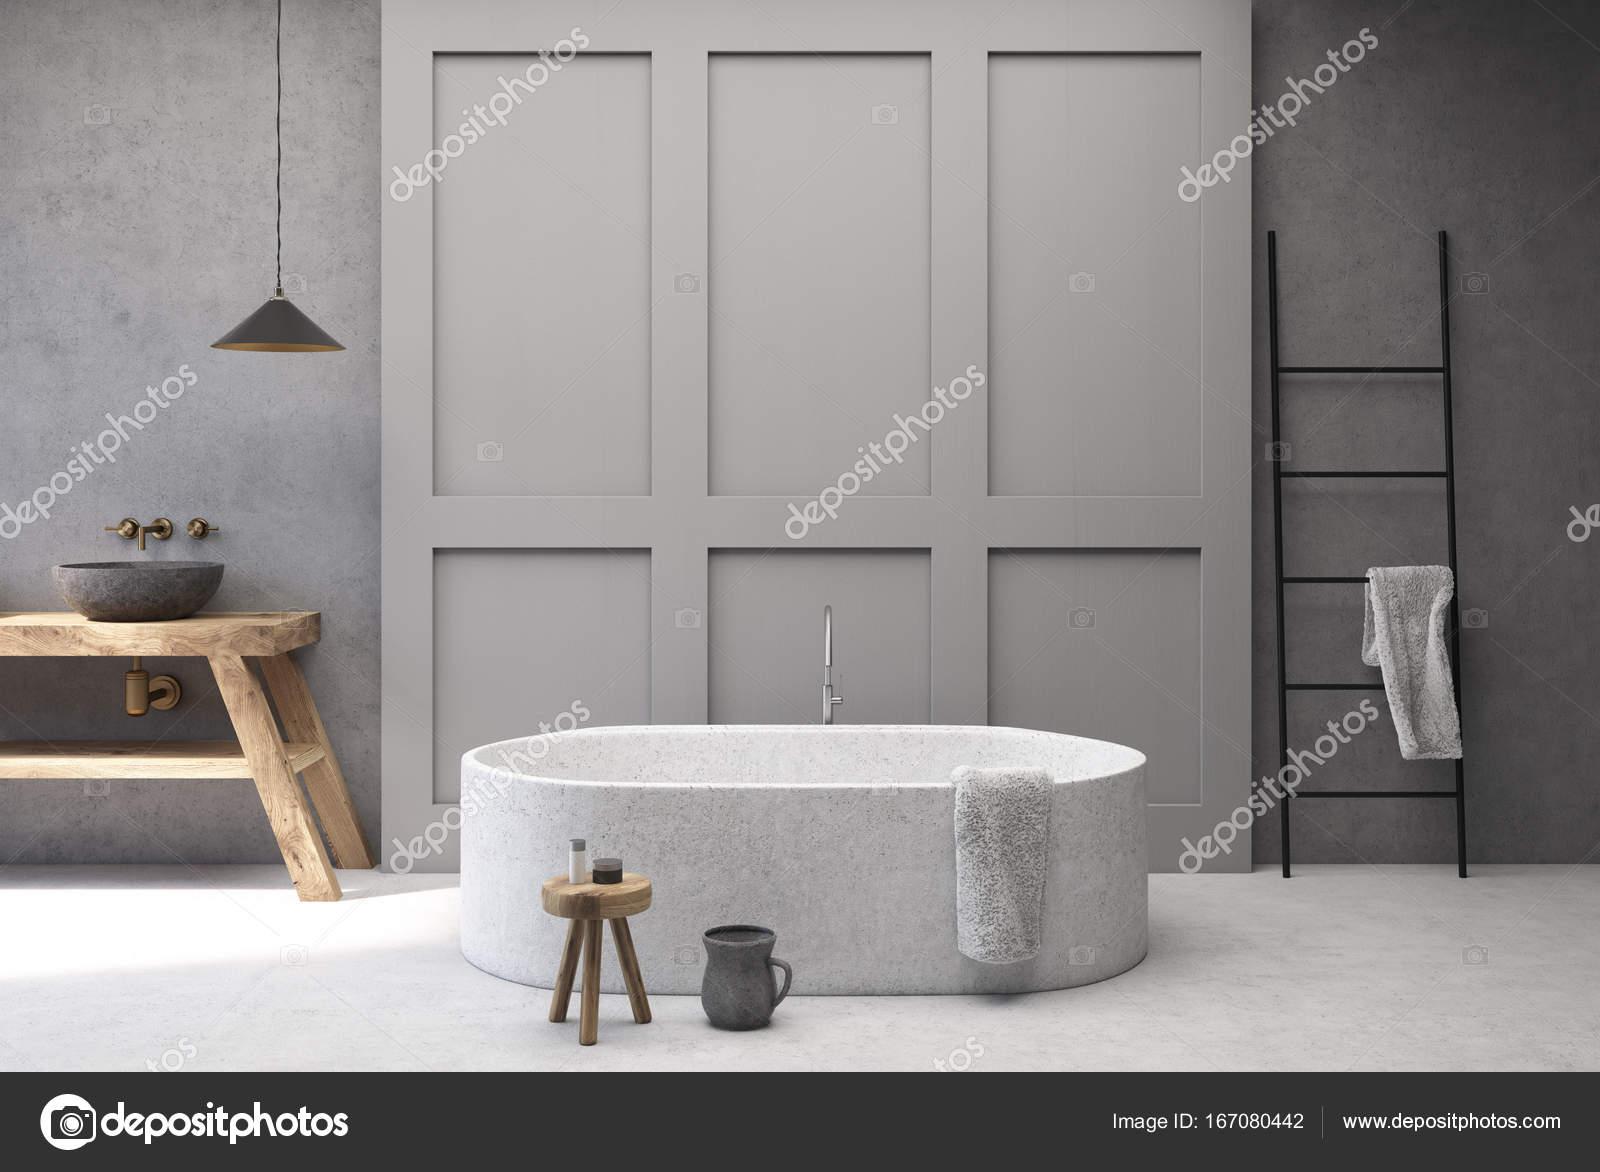 Salle de bains béton et gris, rond baignoire — Photographie ...